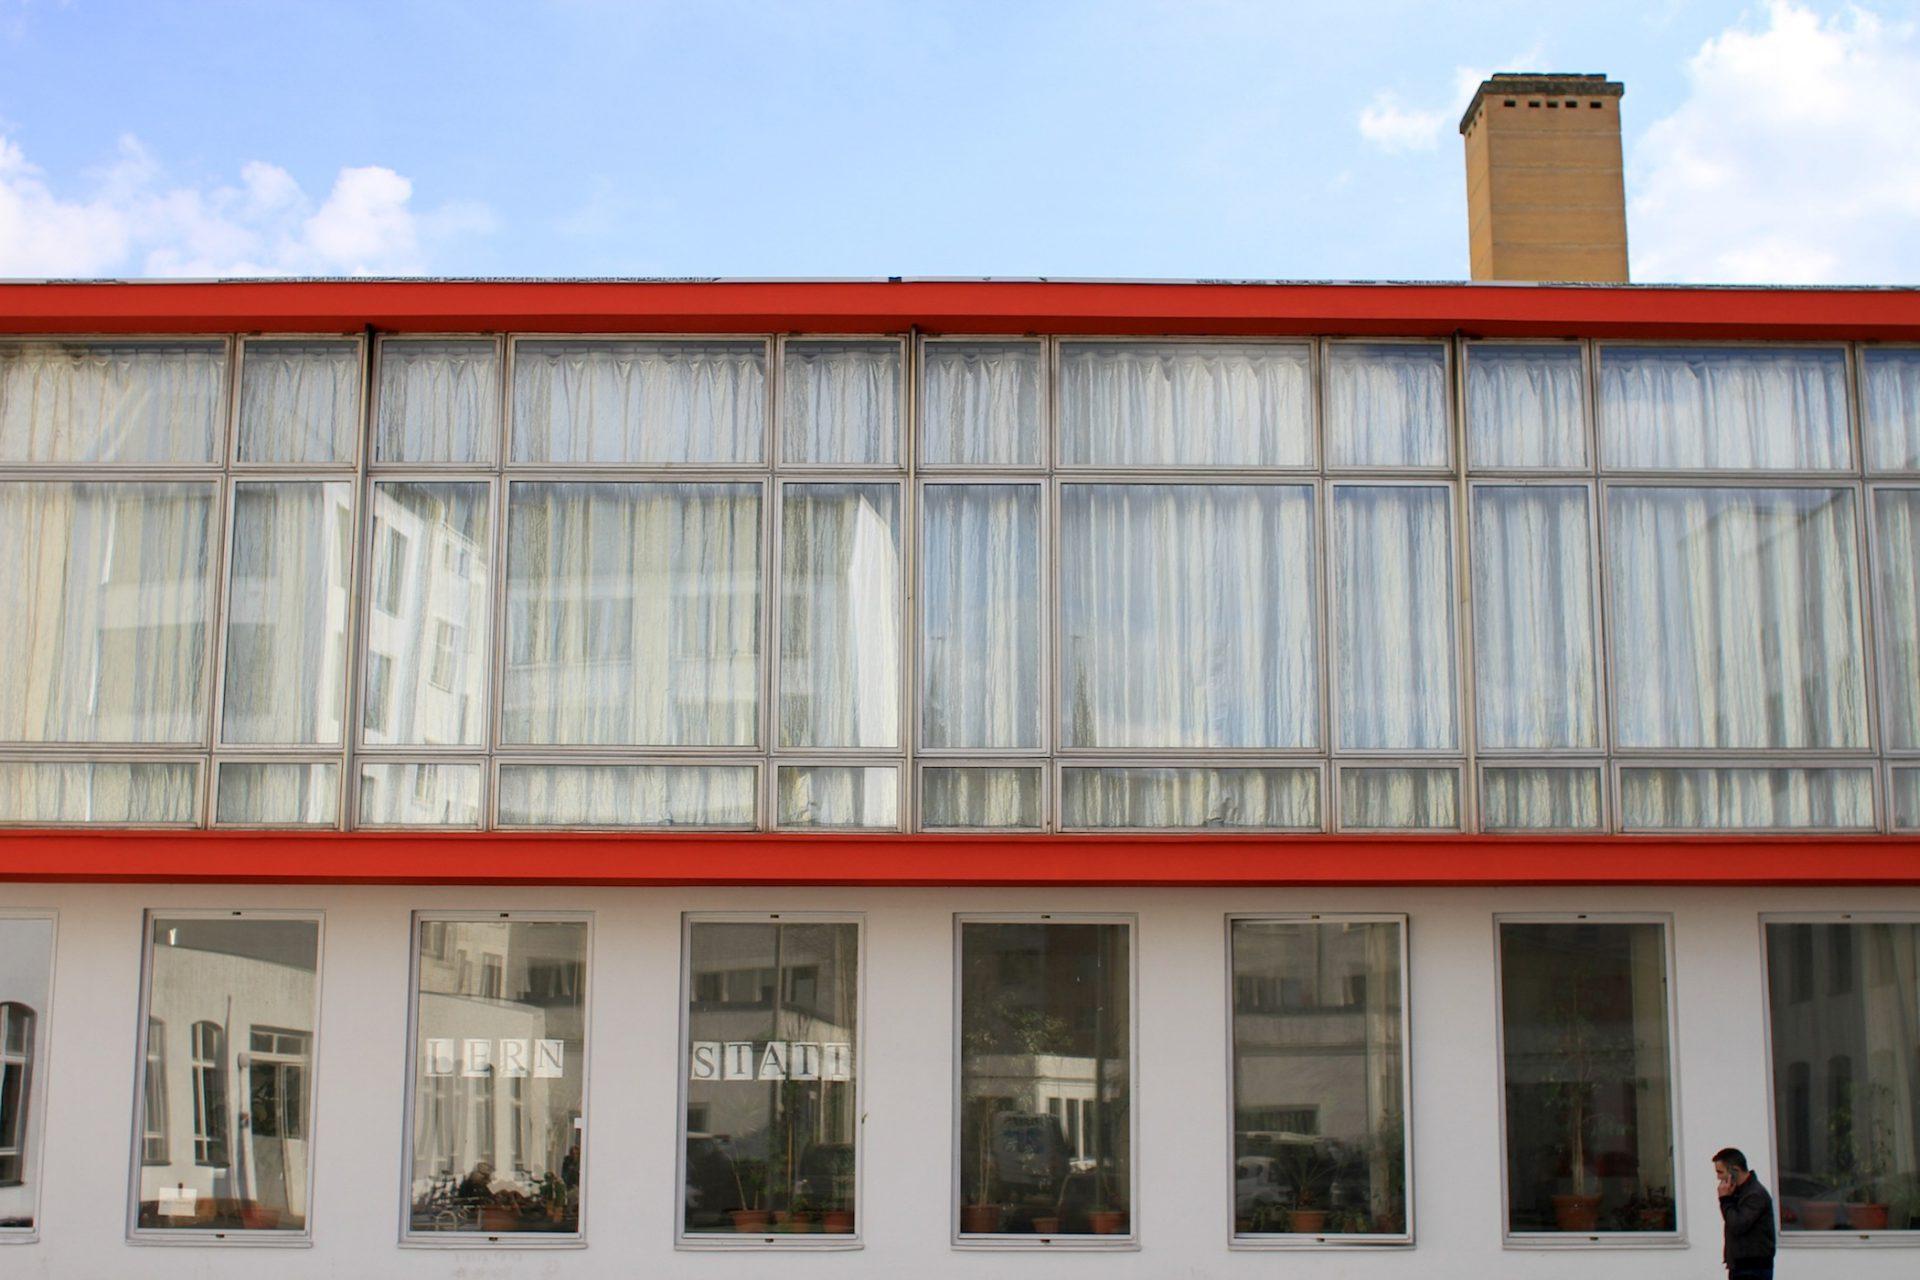 Der Projektraum. Der erste architektonische Eingriff von Klaus Kirsten bei den Neubauten des Rotaprint-Geländes: das gläserne Zentrum der Firma. Die umlaufende rote Rahmung der Glaskiste entsprach der Farbgebung des Firmenlogos.